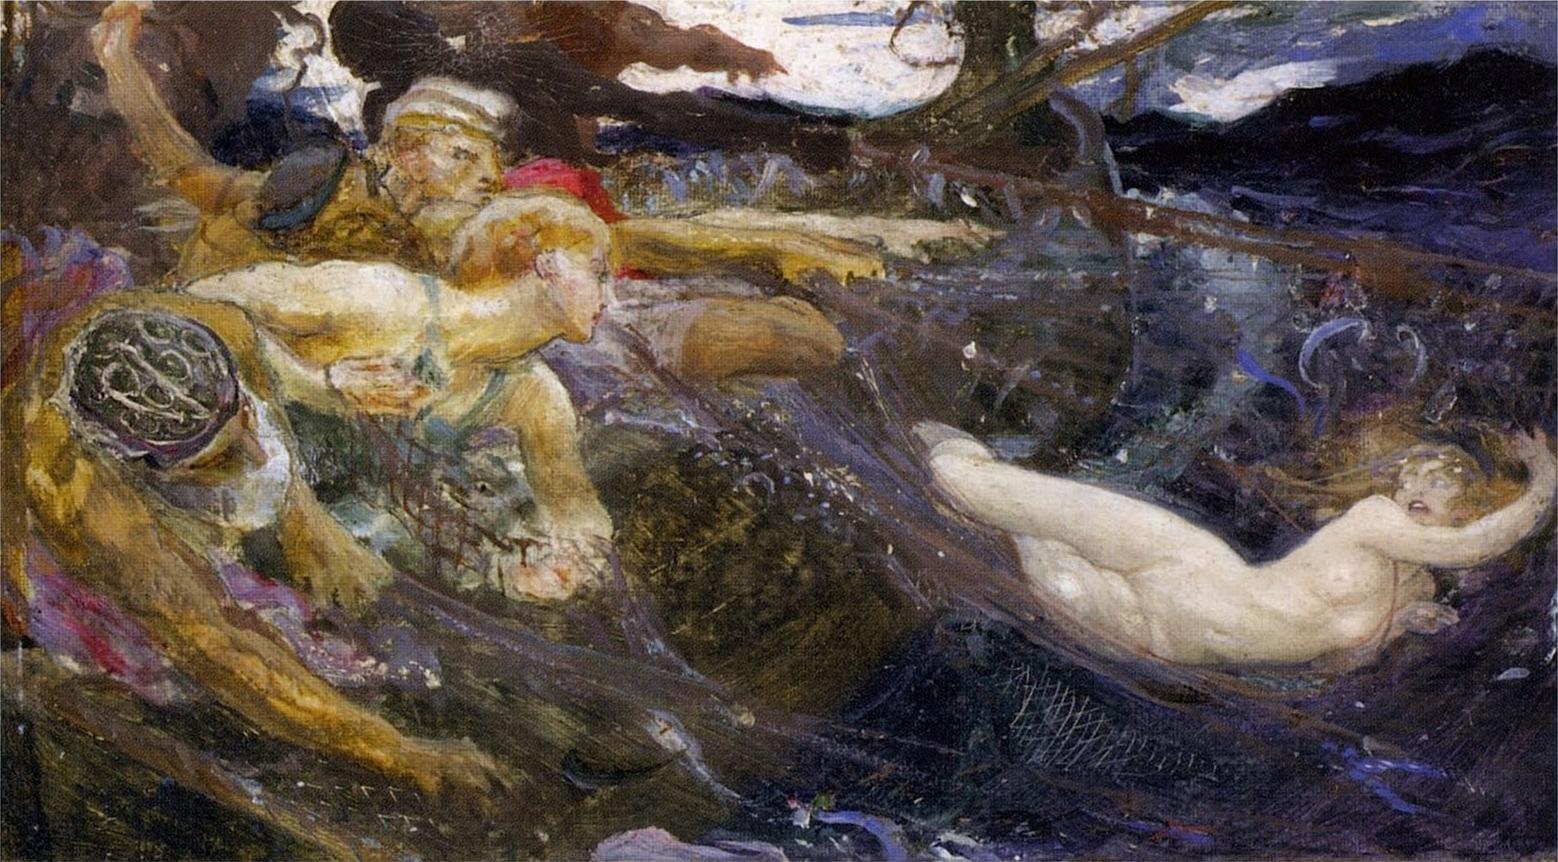 Herbert Art Gallery Paintings